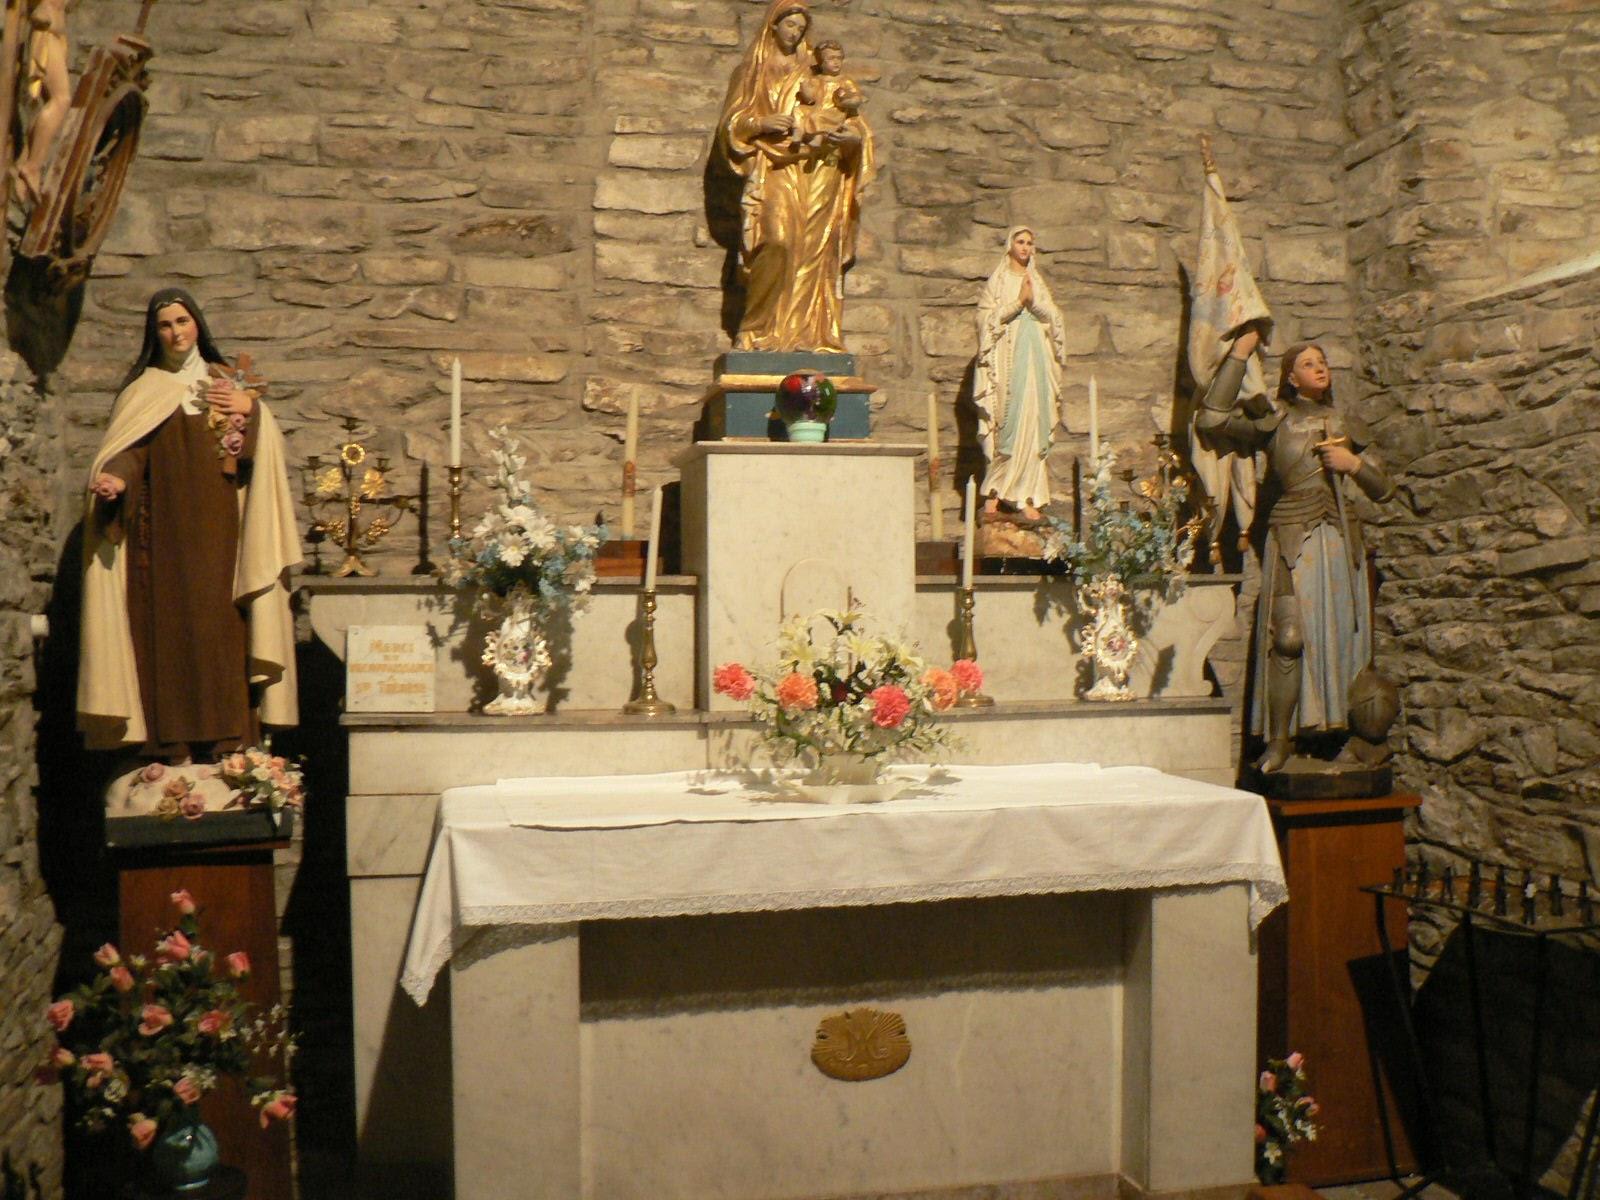 Eglise journées du patrimoine autel.JPG